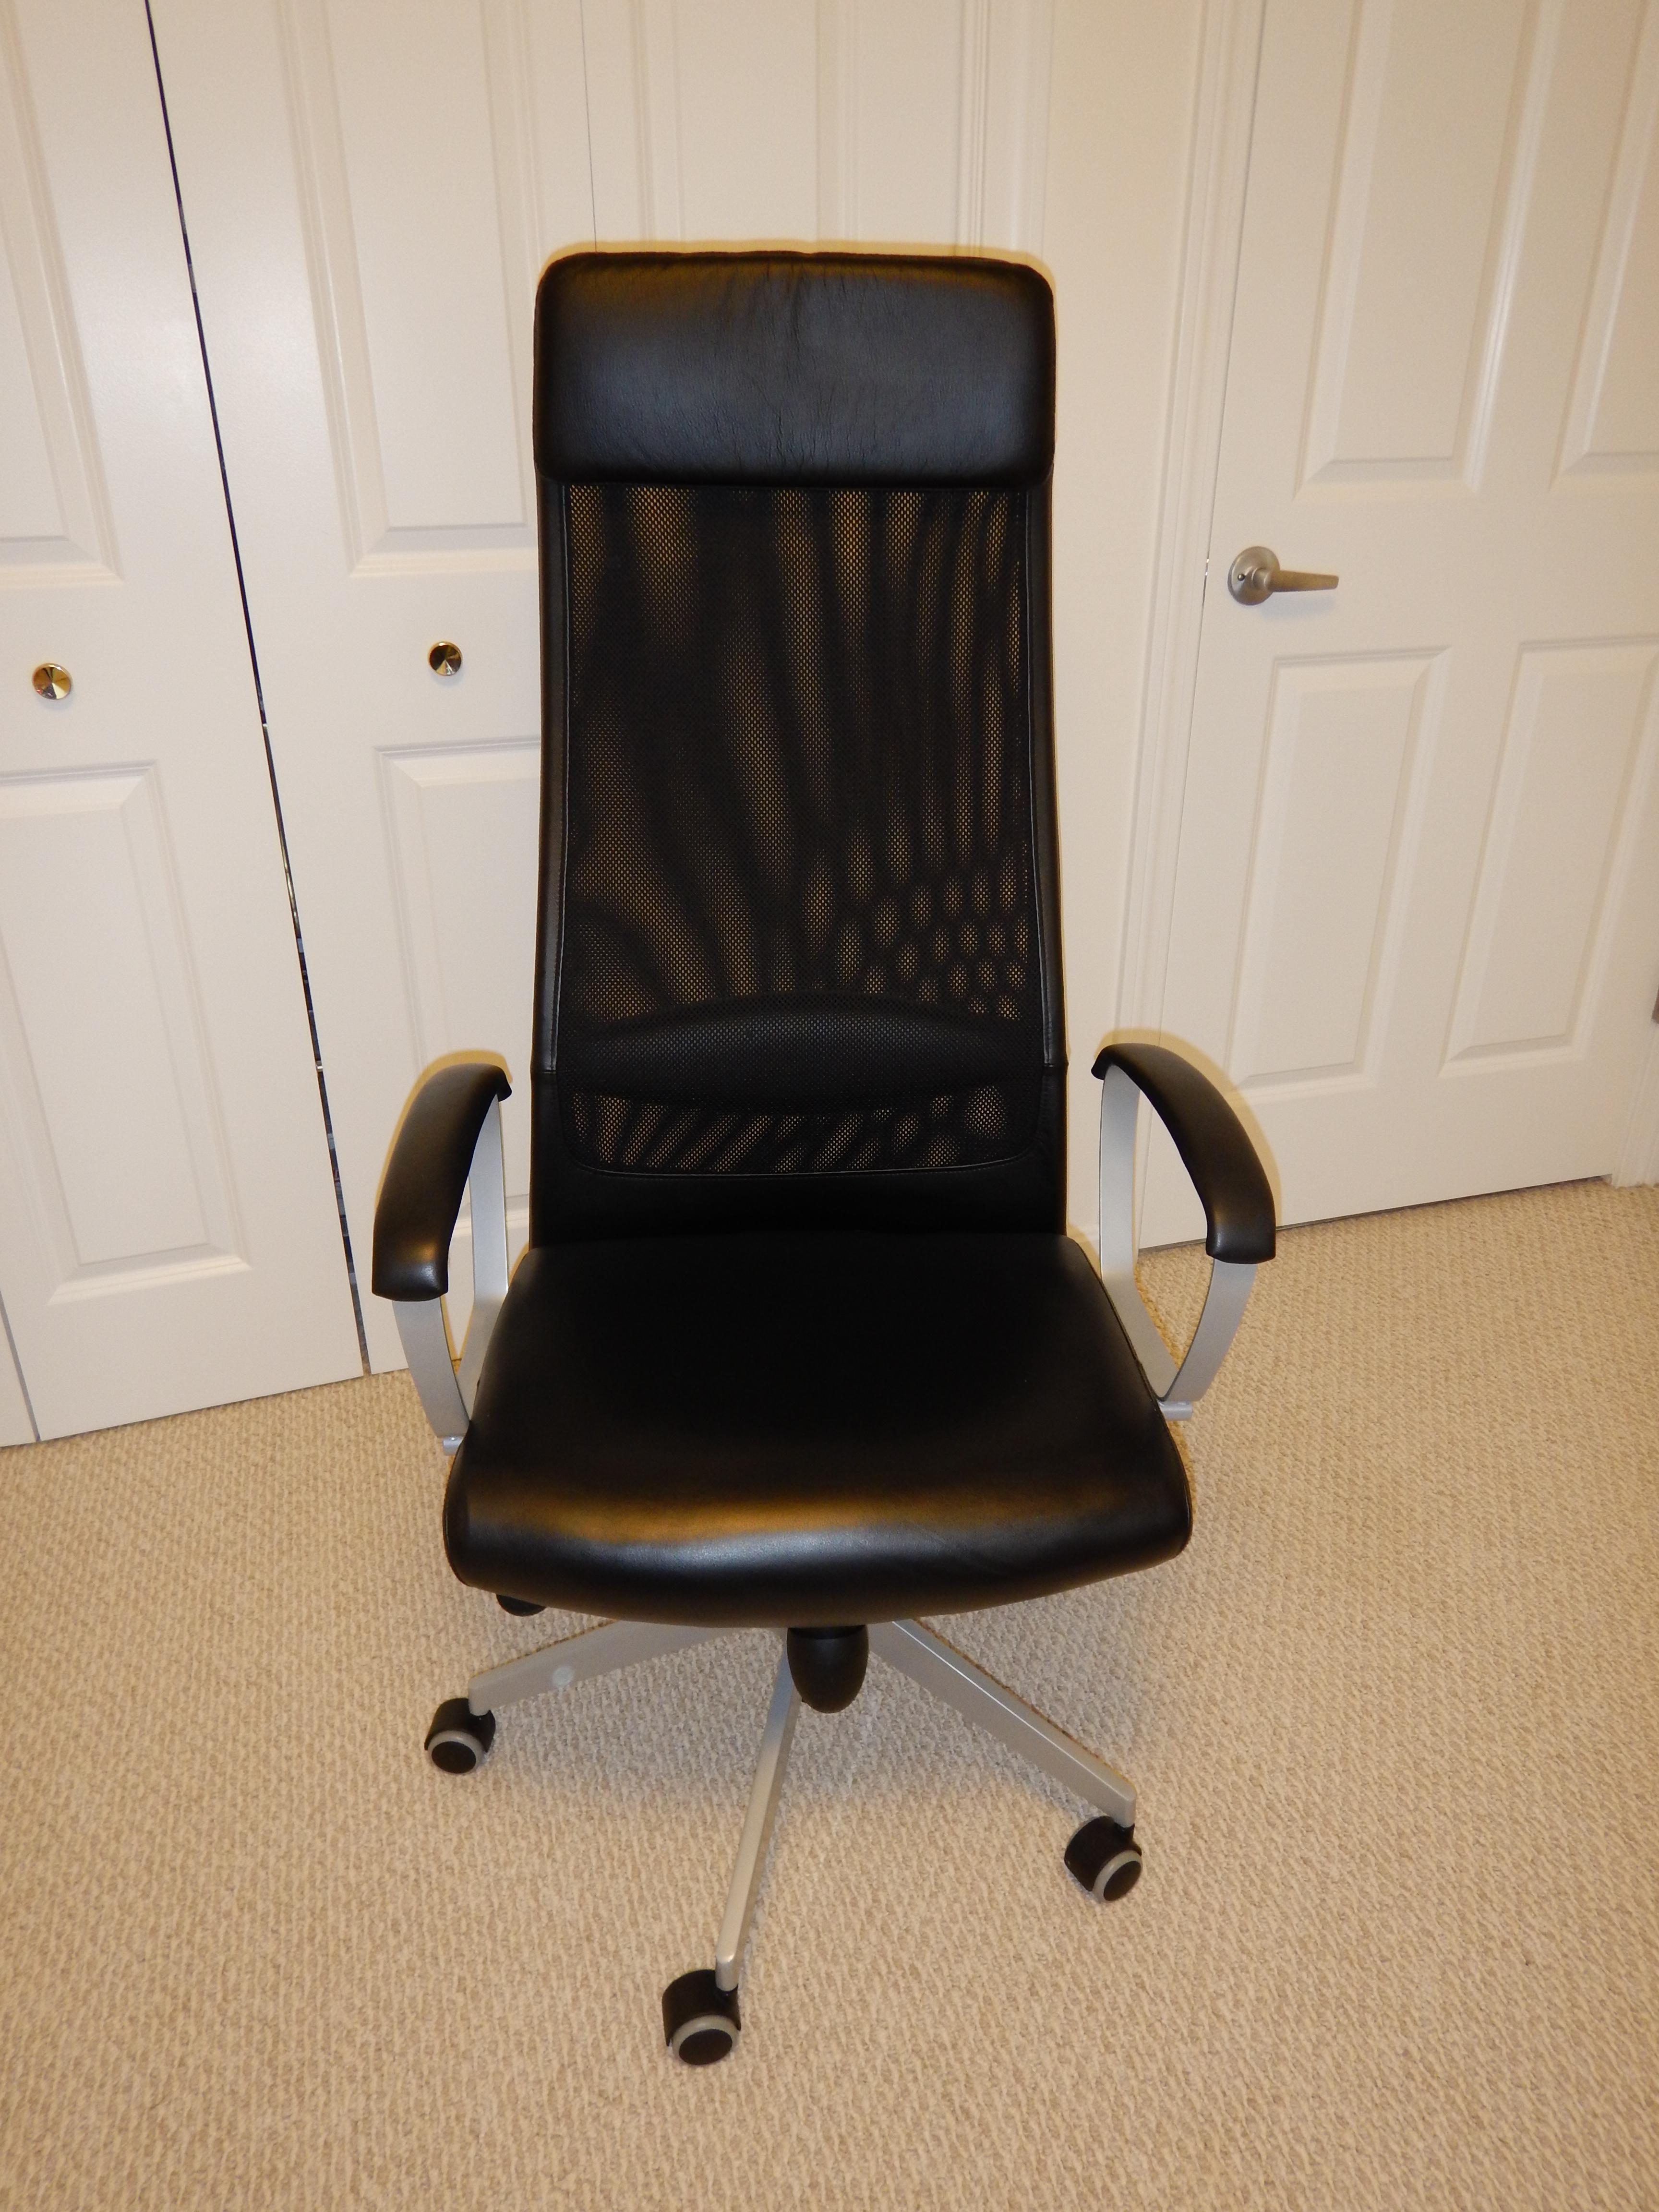 Ikea Markus Office Desk Chair Rental In Nottingham Nh